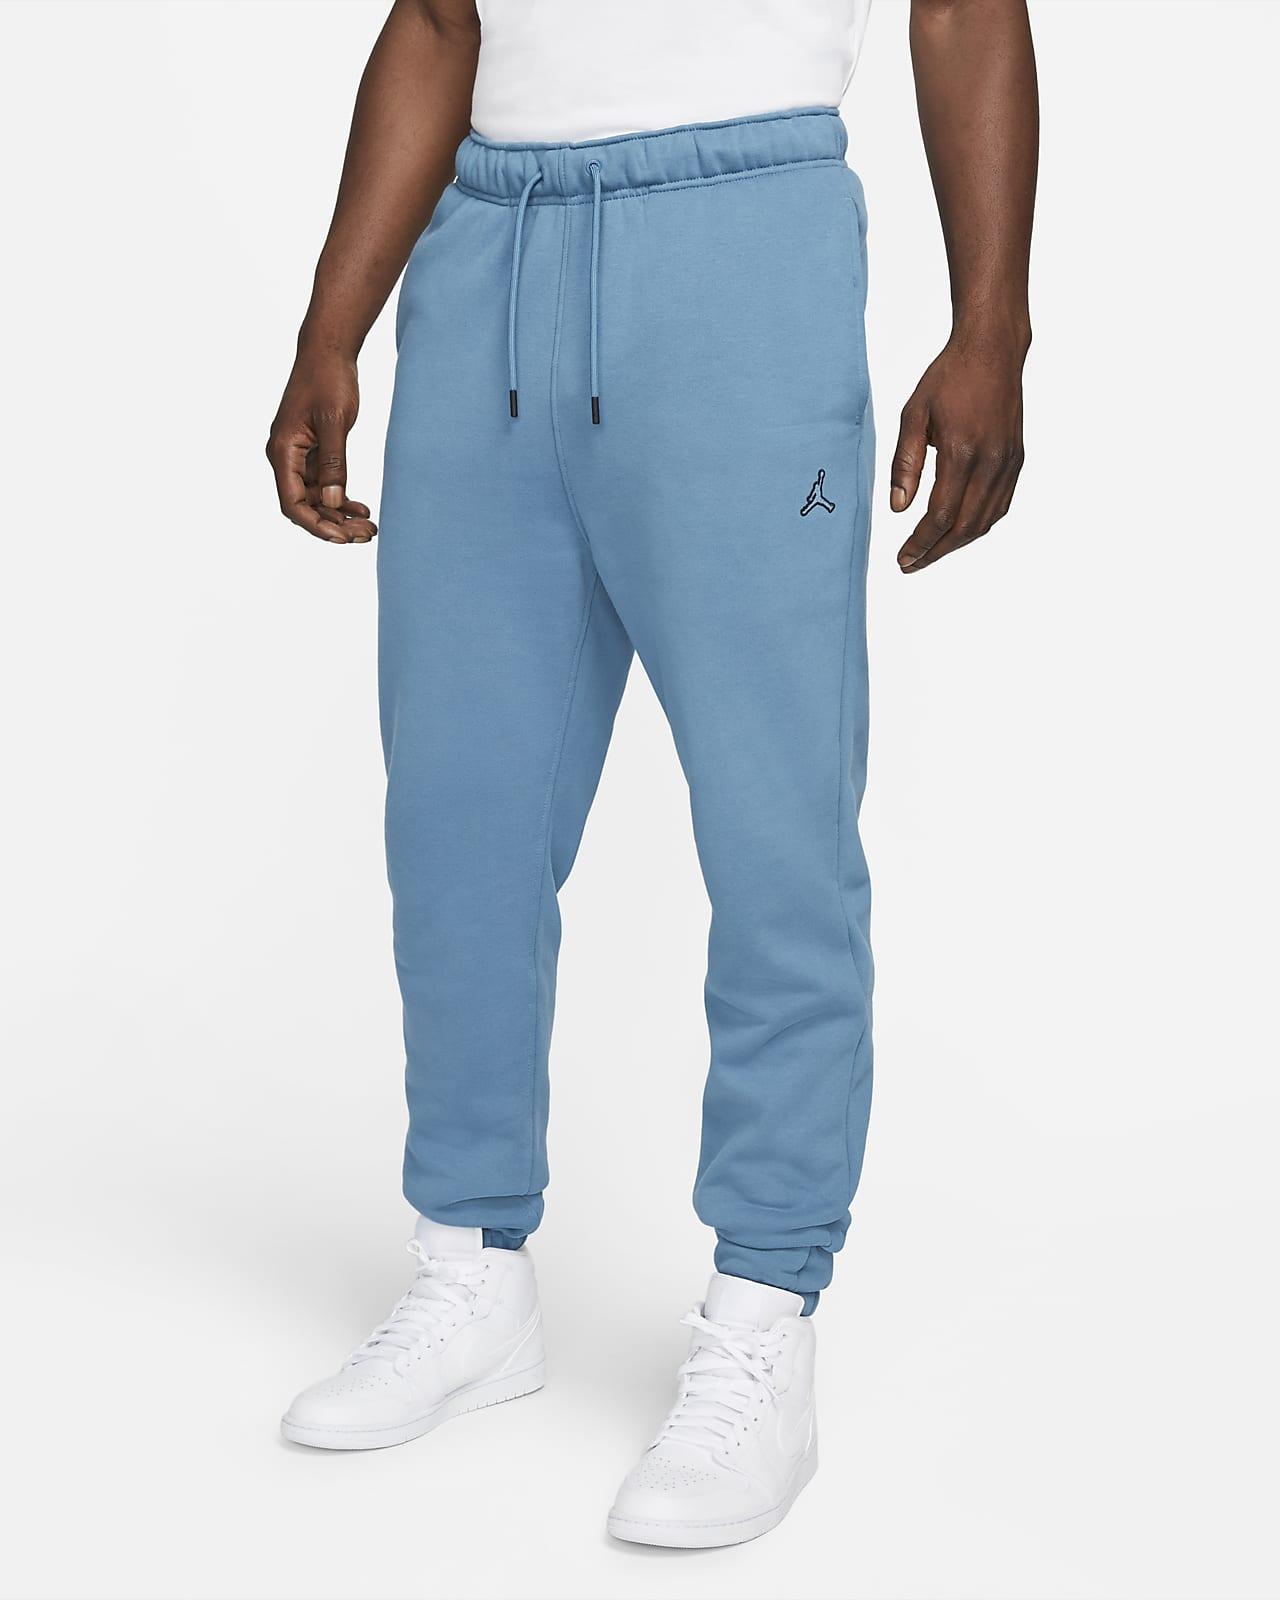 Calças de lã cardada Jordan Essentials para homem